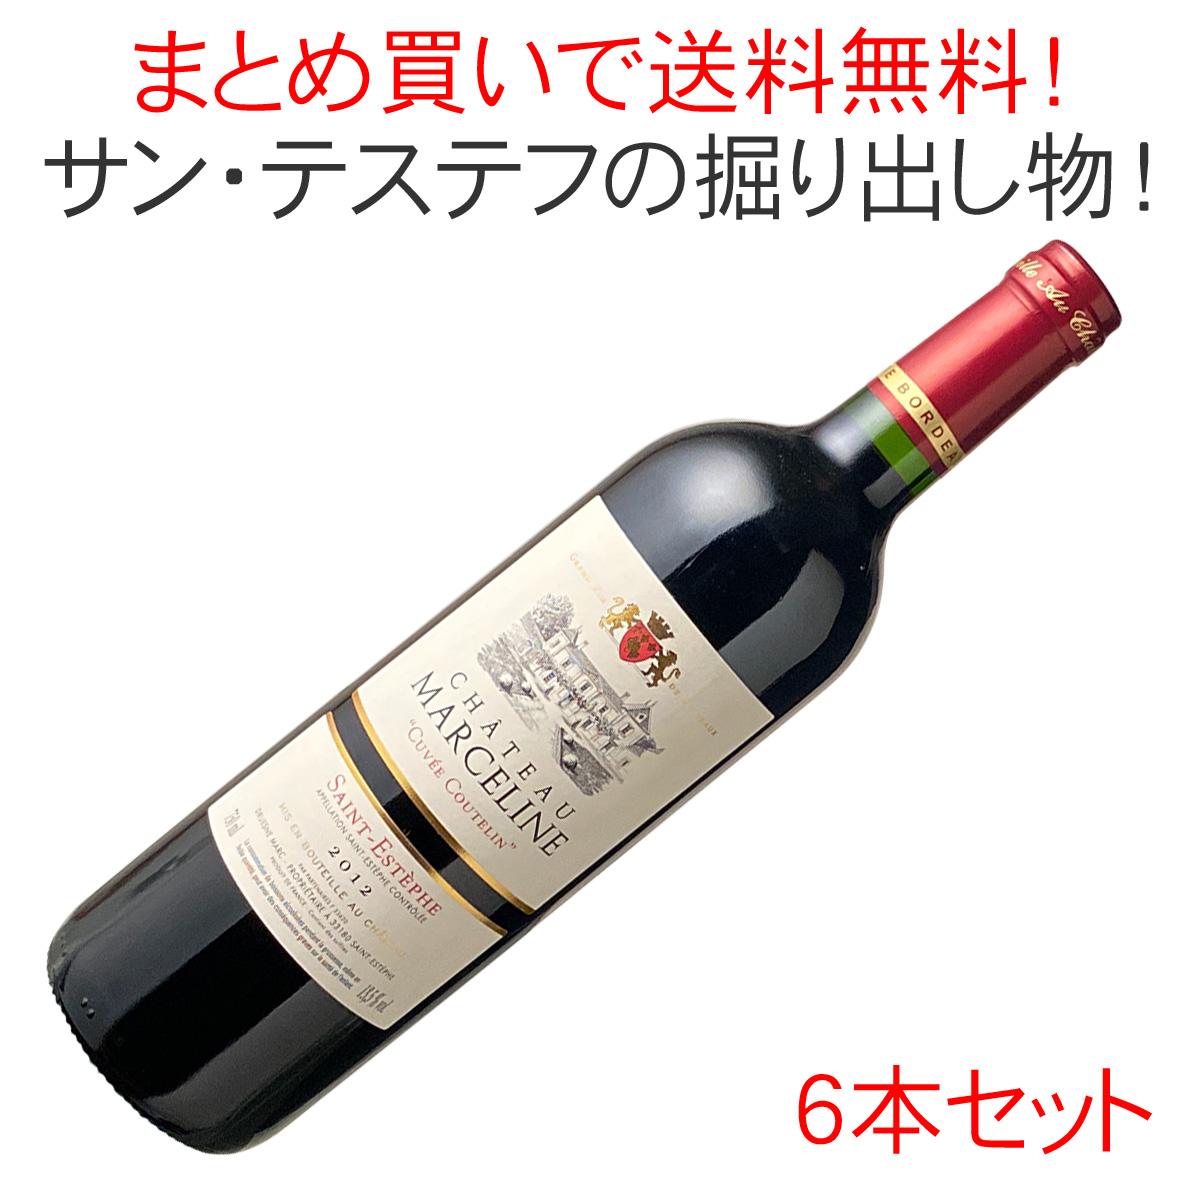 【送料無料】シャトー・マルセリーヌ・キュヴェ・クートラン [2012] 1ケース6本セット <赤> <ワイン/ボルドー>